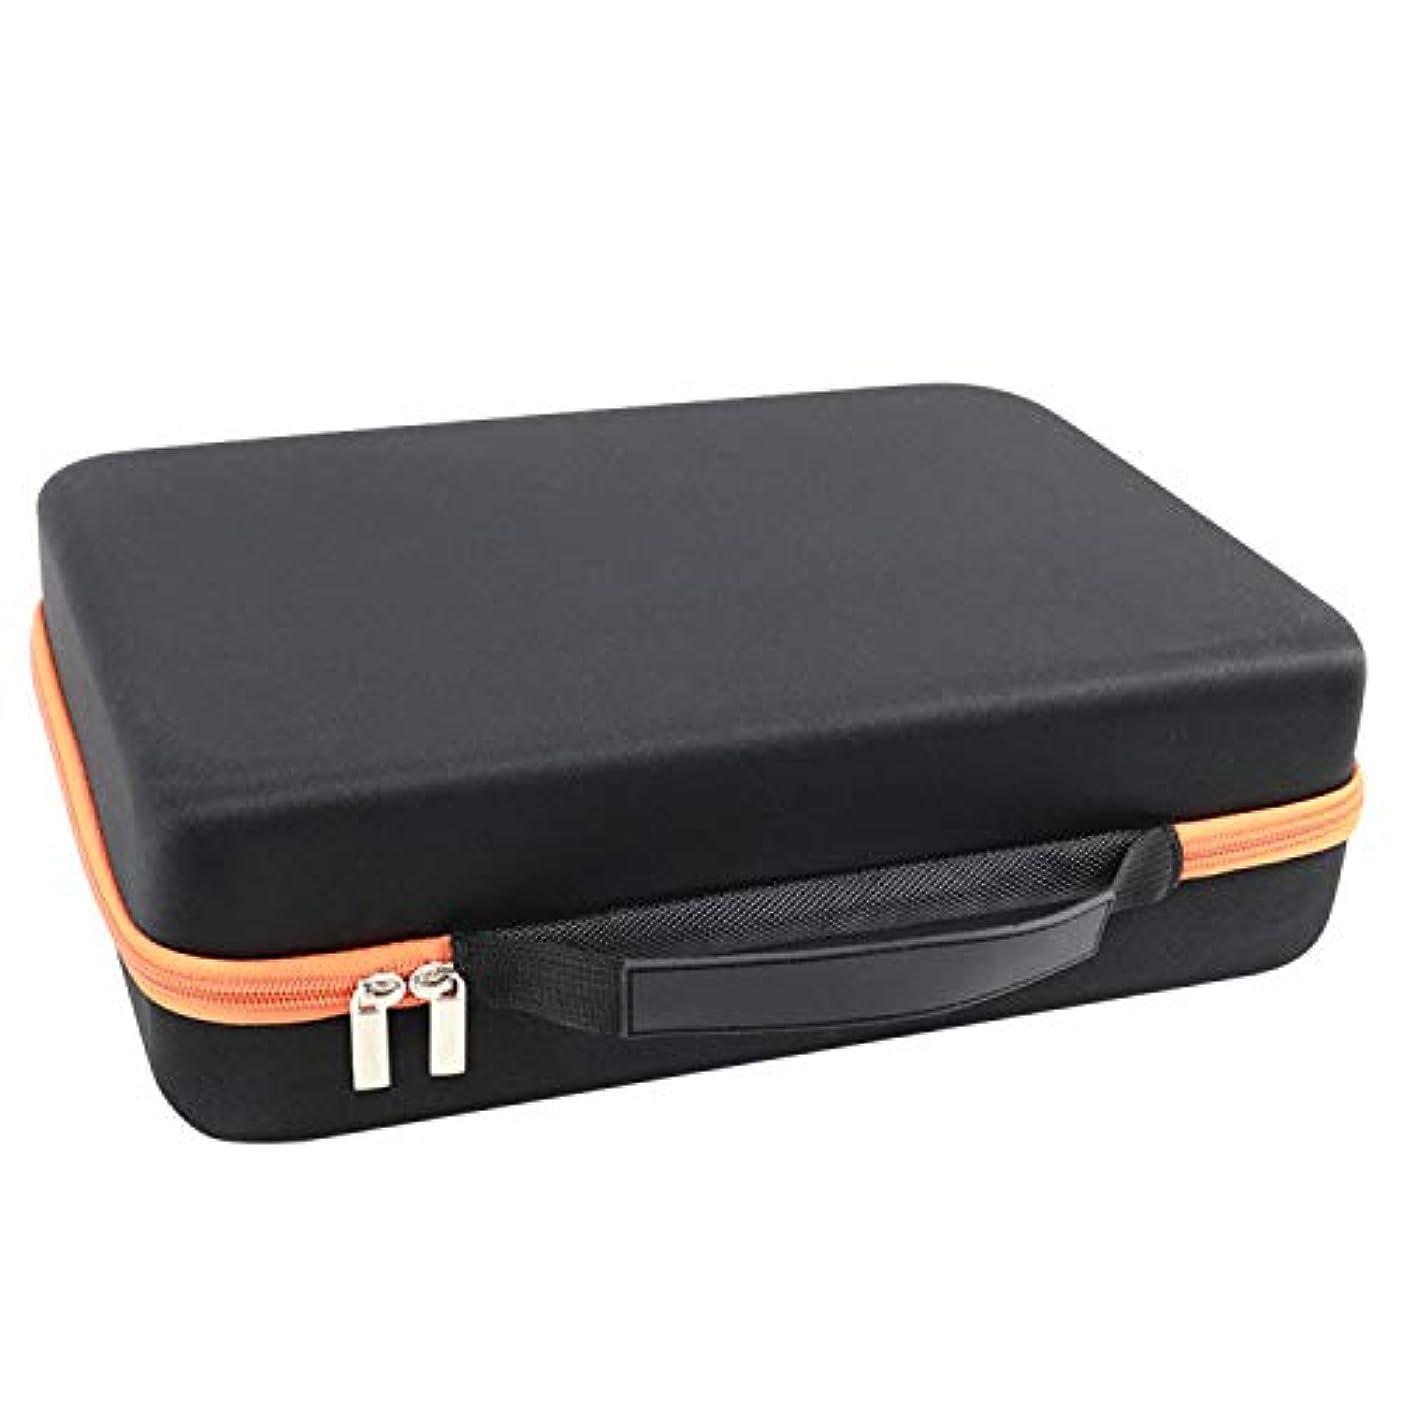 ハイランド代理人マイクロプロセッサMigavan 70グリッド15ミリリットルエッセンシャルオイル ケース 携帯用 アロマケース メイクポーチ 精油ケース 大容量 アロマセラピストポーチエッセンシャルオイルトラベルケース